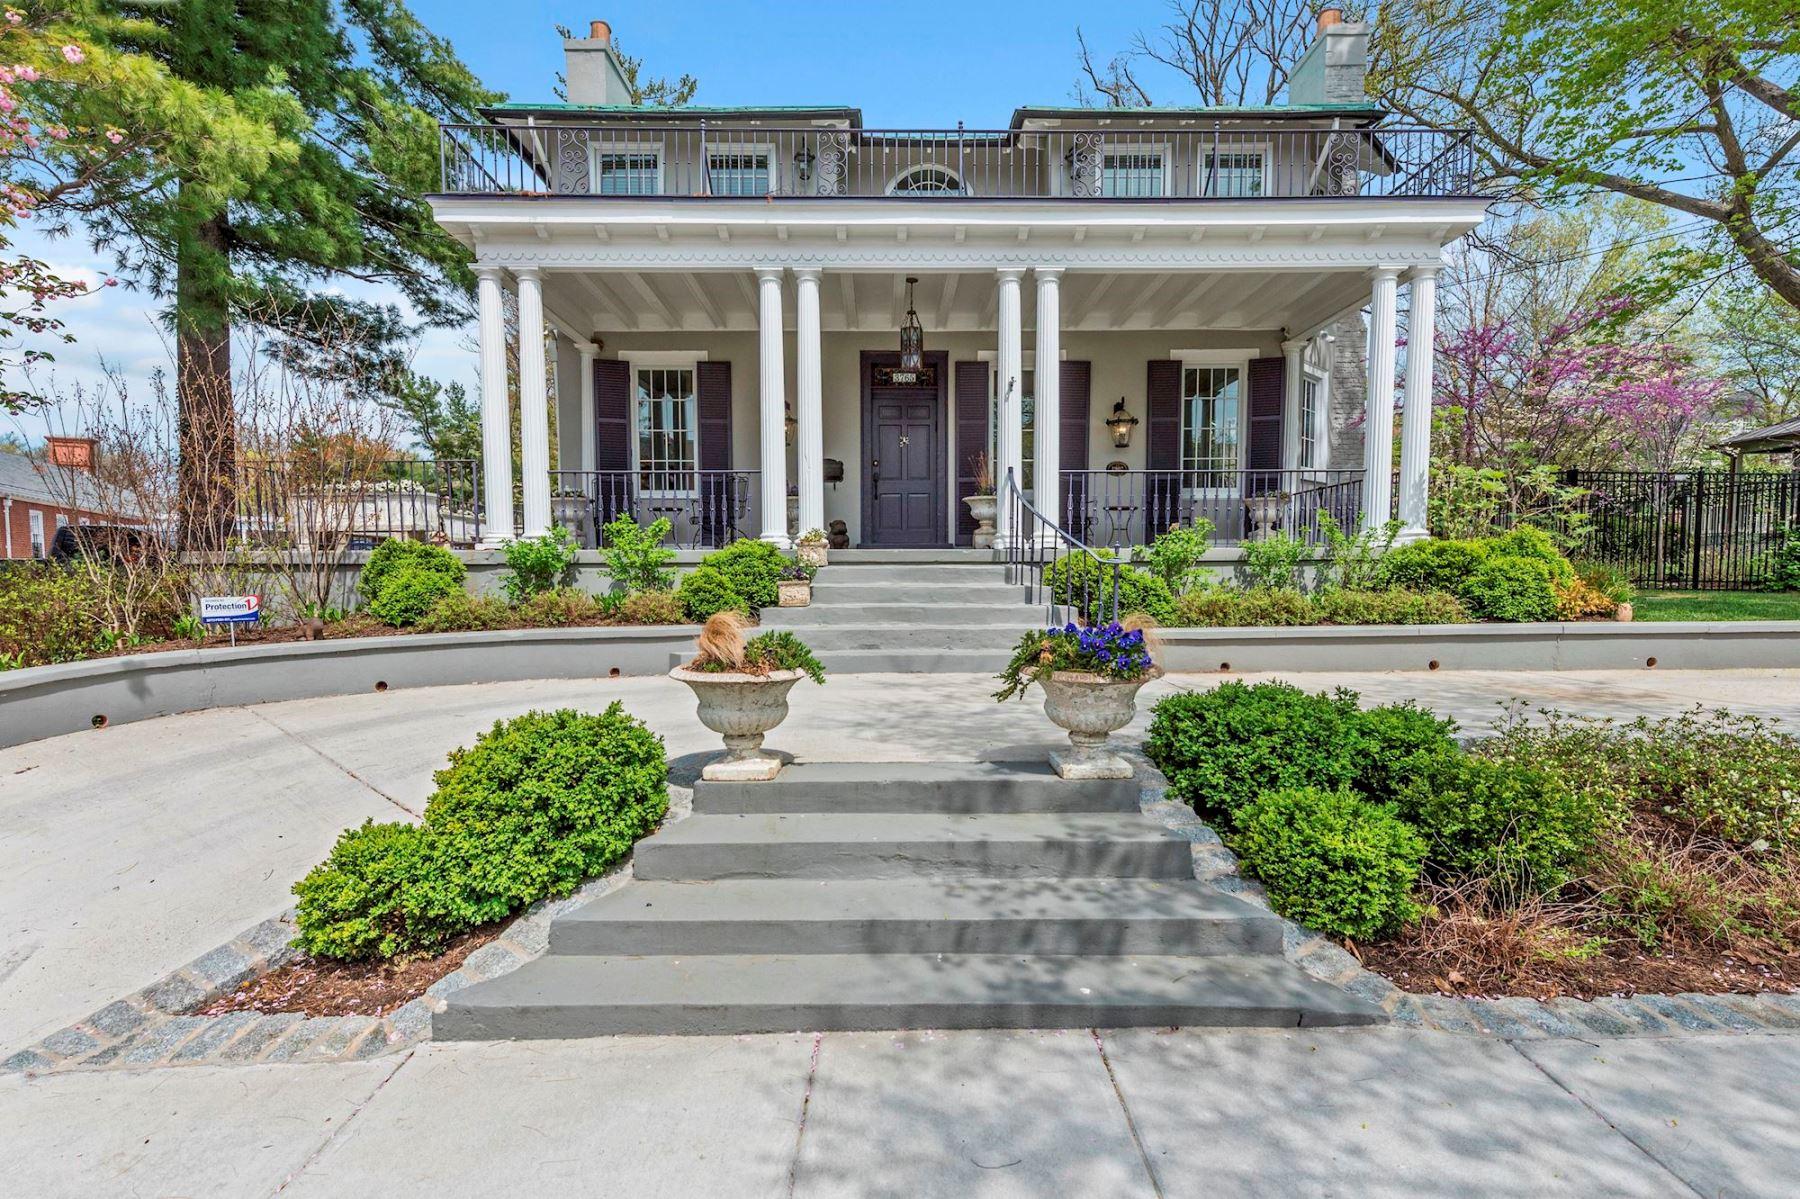 独户住宅 为 销售 在 3765 Northampton Street Nw, Washington 华盛顿市, 哥伦比亚特区, 20015 美国